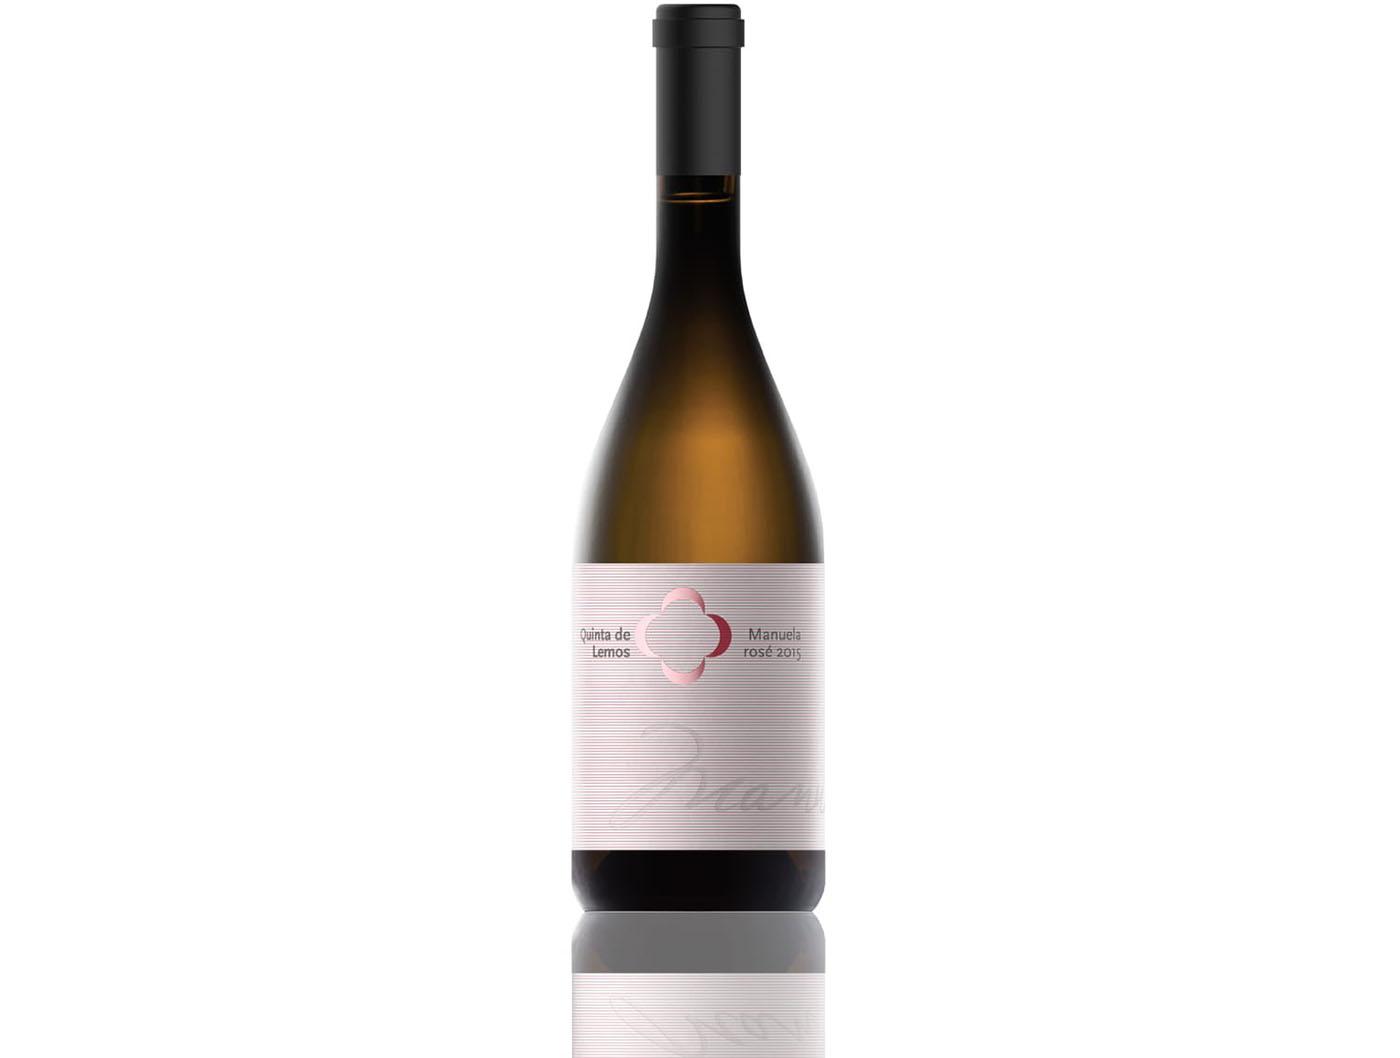 Manuela é o primeiro vinho rosé da Quinta de Lemos